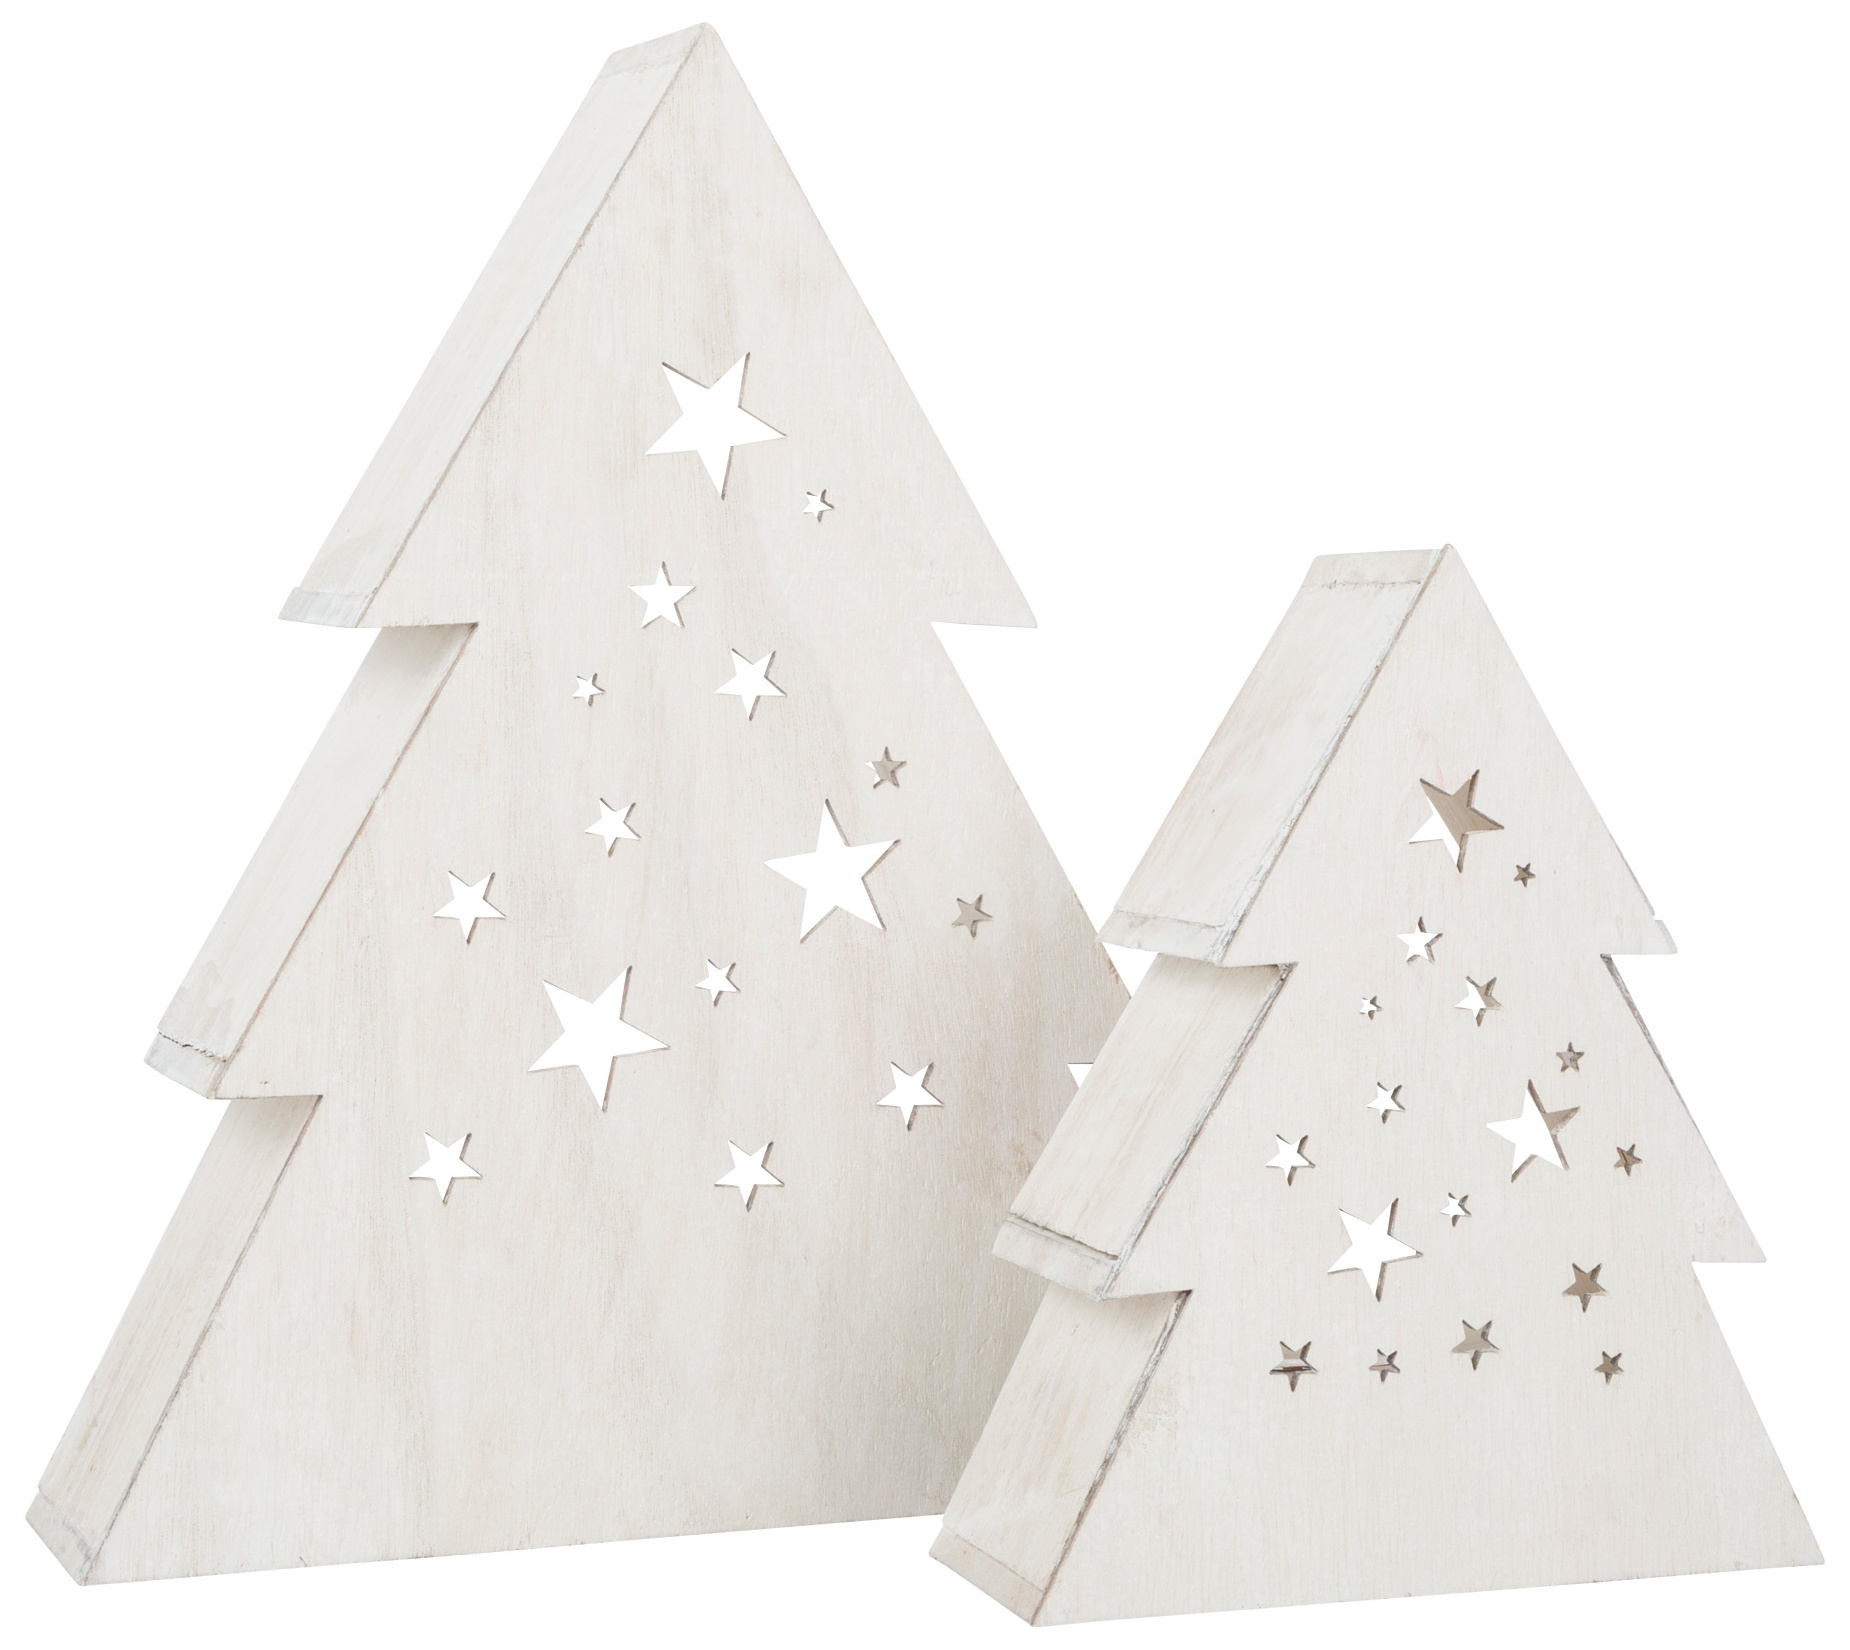 Small Foot Houten Decoratielamp Kerstboom 2 Stuks Wit Internet Toys